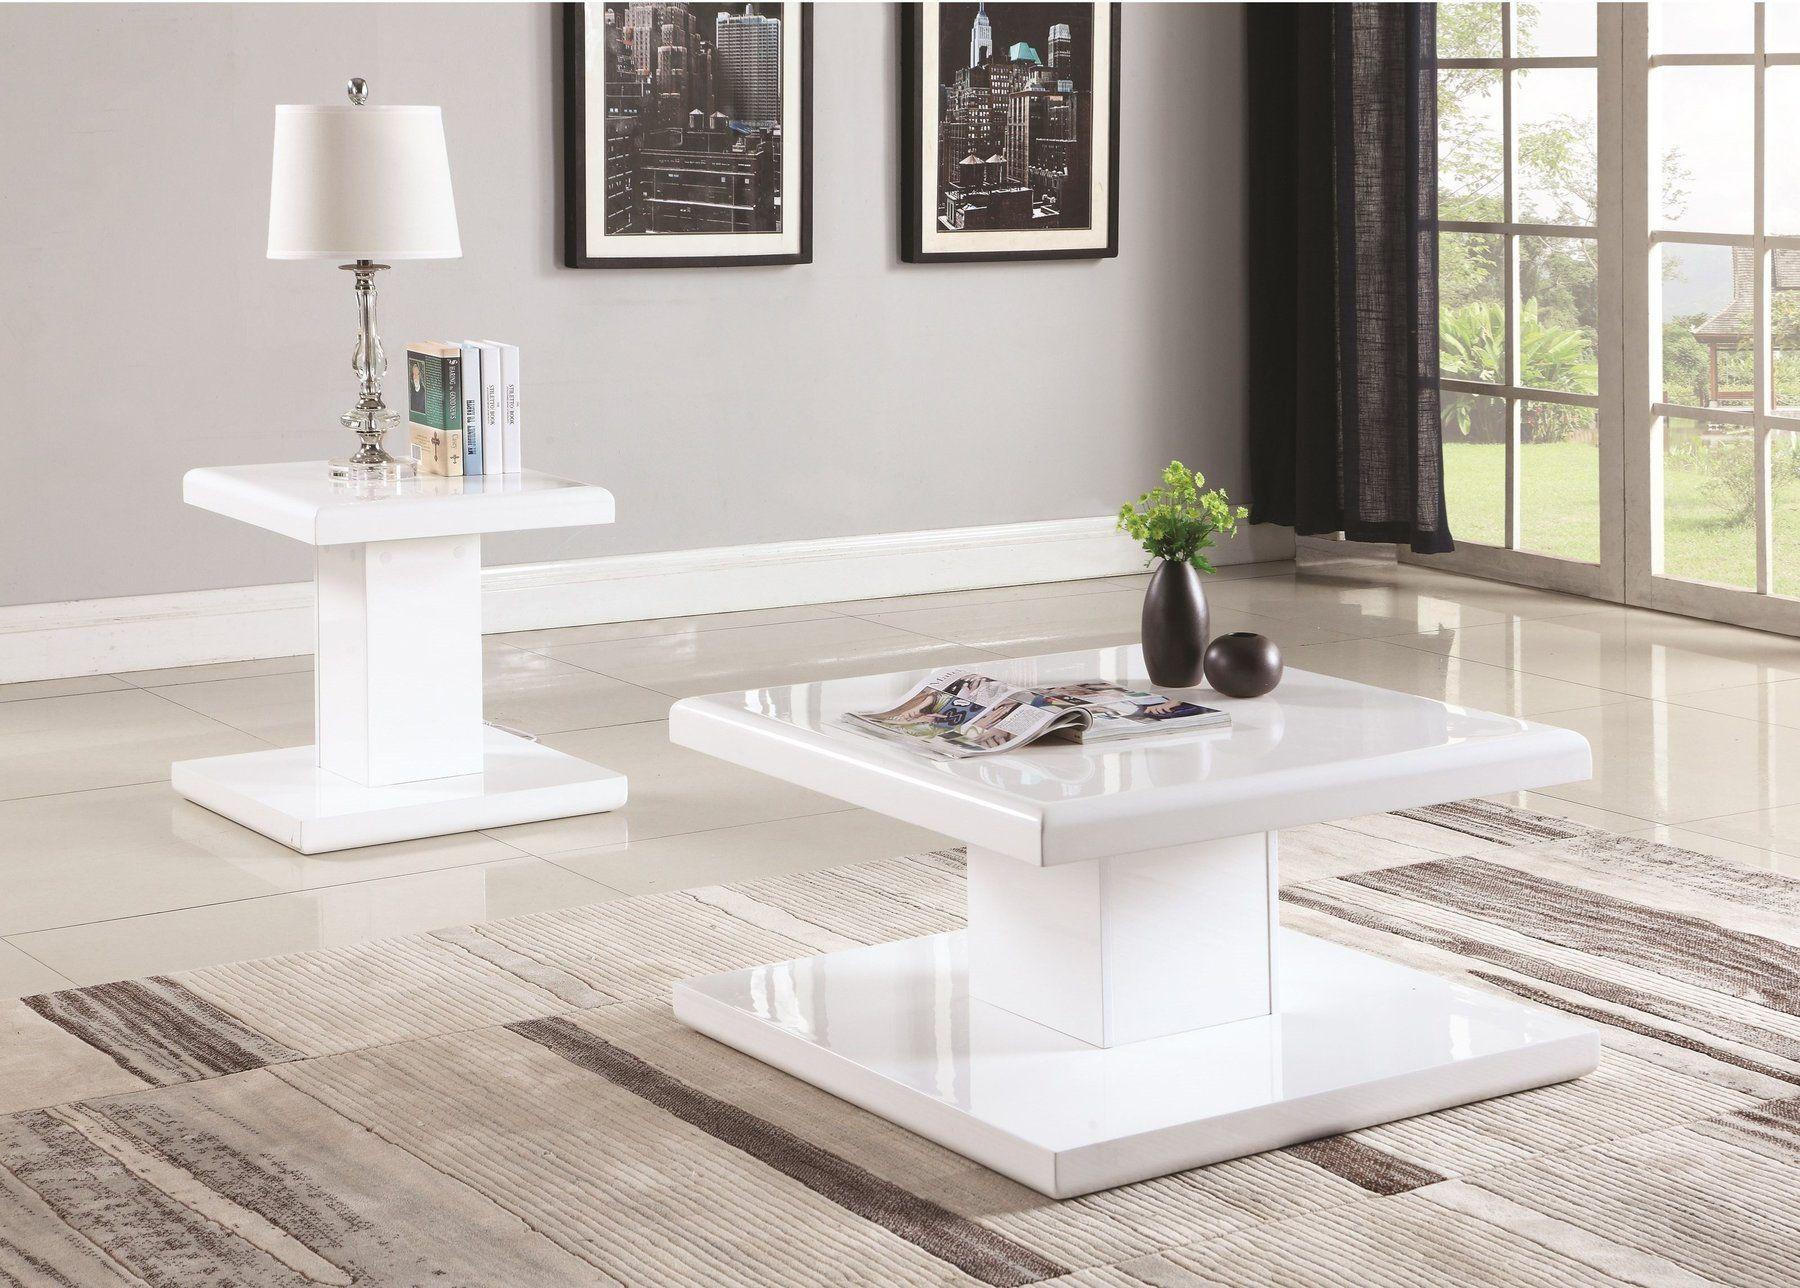 Cs098 Coffee Table 721098 Coaster Furniture Coffee Tables In 2021 White Coffee Table Modern Coffee Table White Modern Square Coffee Table [ 1288 x 1800 Pixel ]